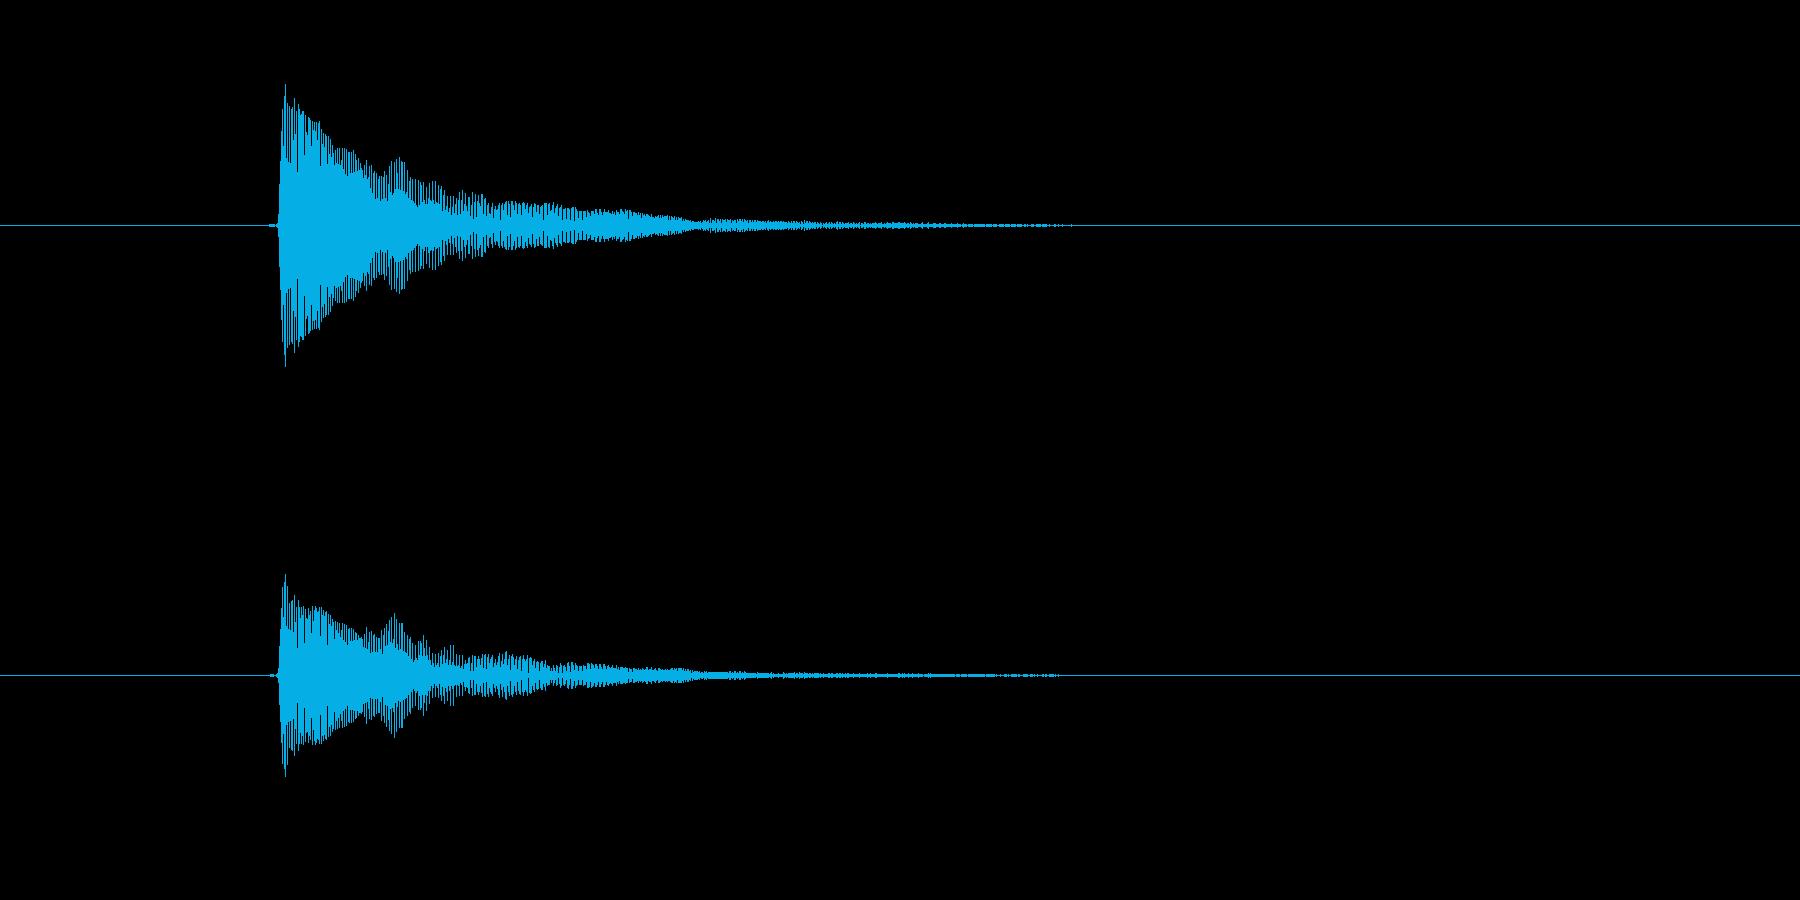 ポワーンと聞こえる気の抜けた印象の効果音の再生済みの波形